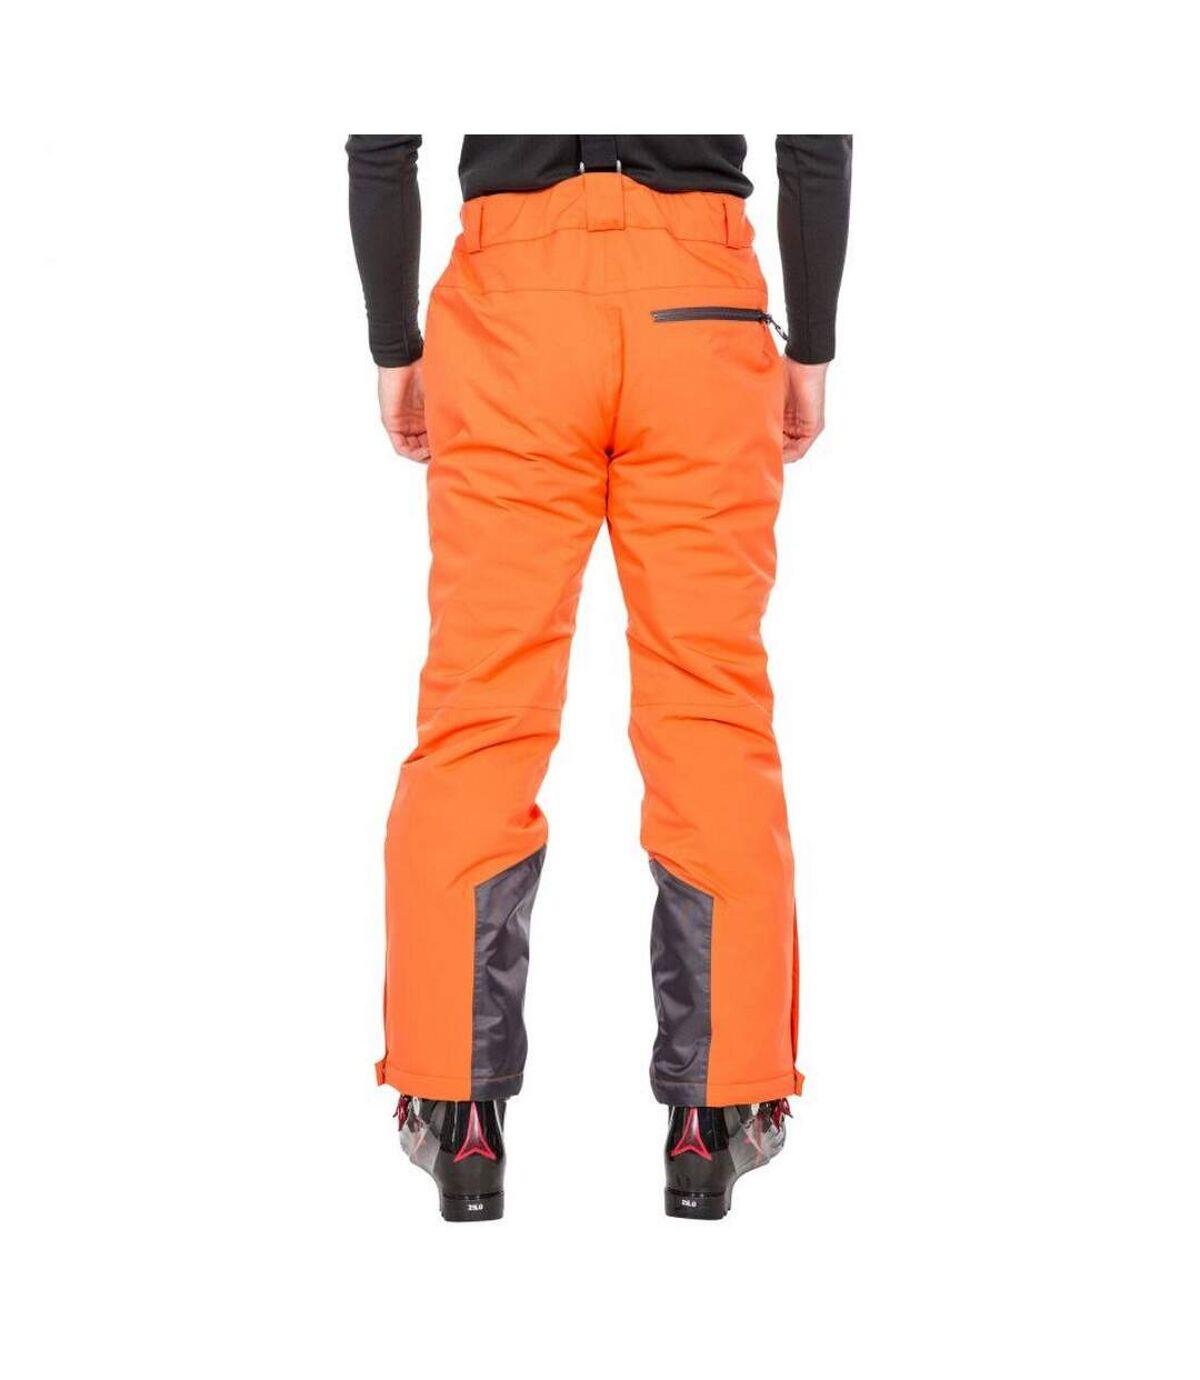 Trespass Mens Trevor Ski Trousers (Orange) - UTTP5222